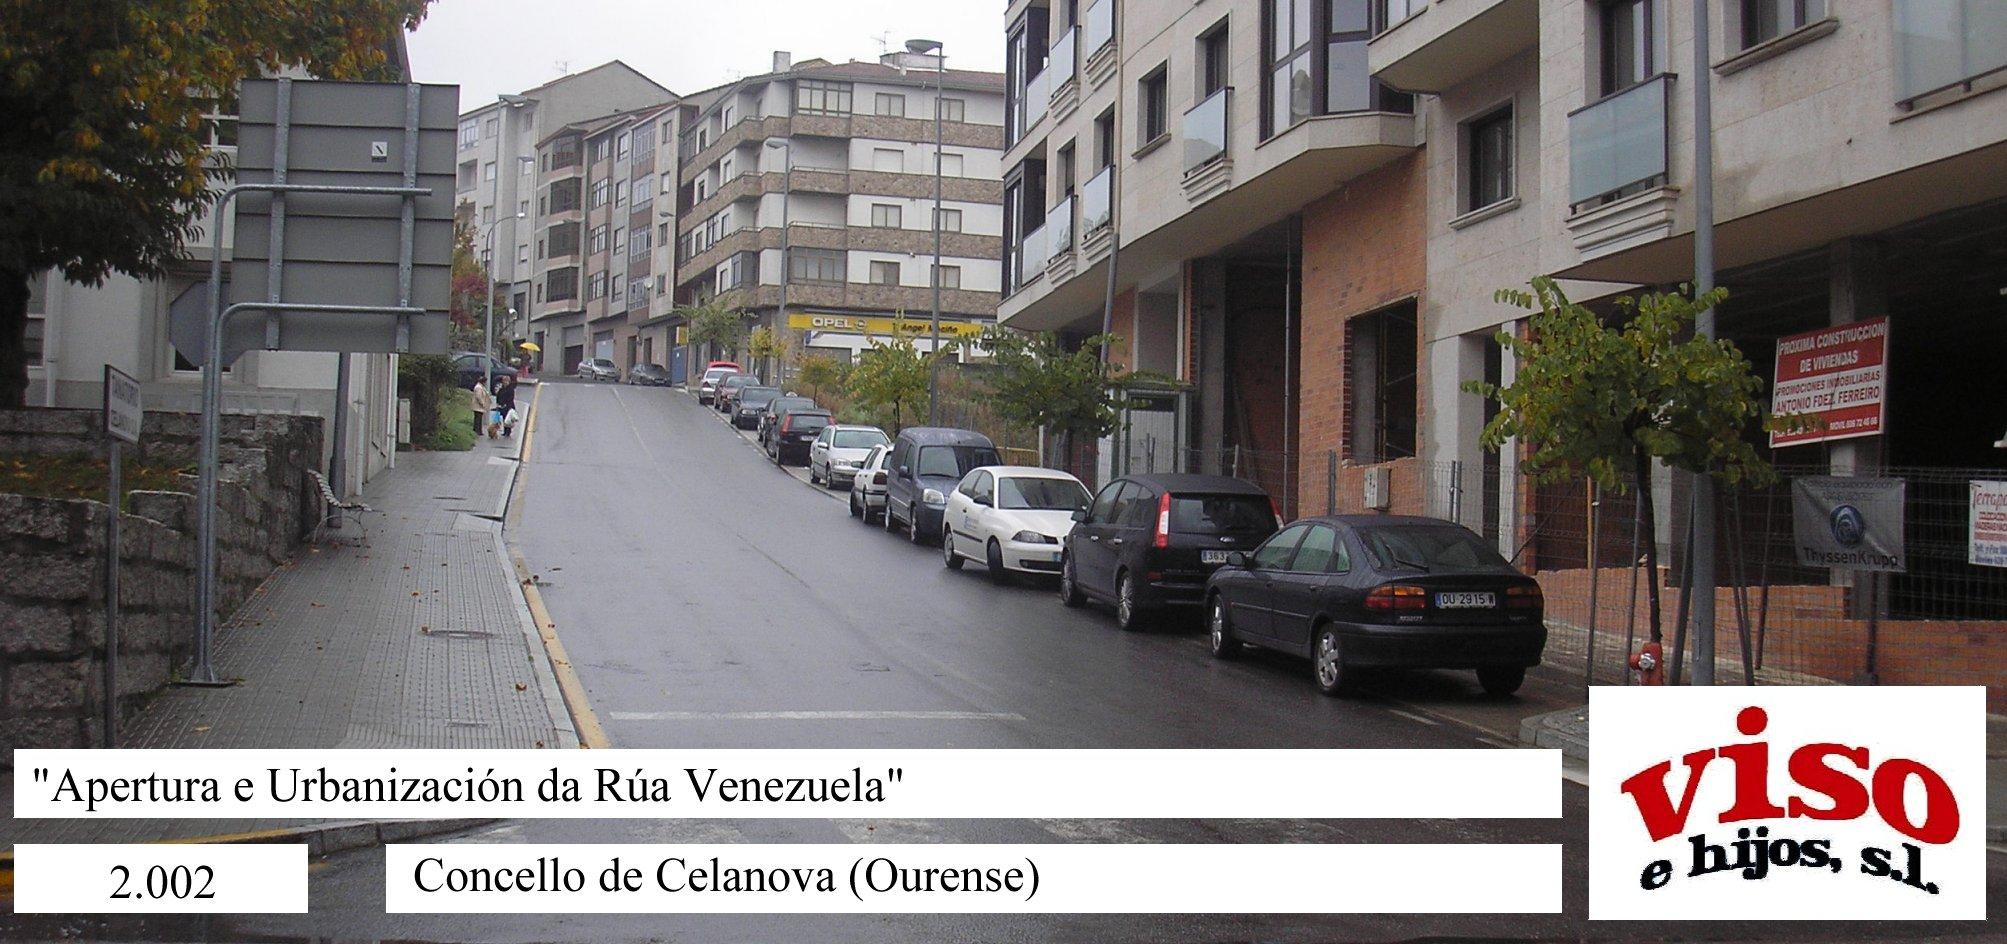 2002 Concello Celanova Venezuela